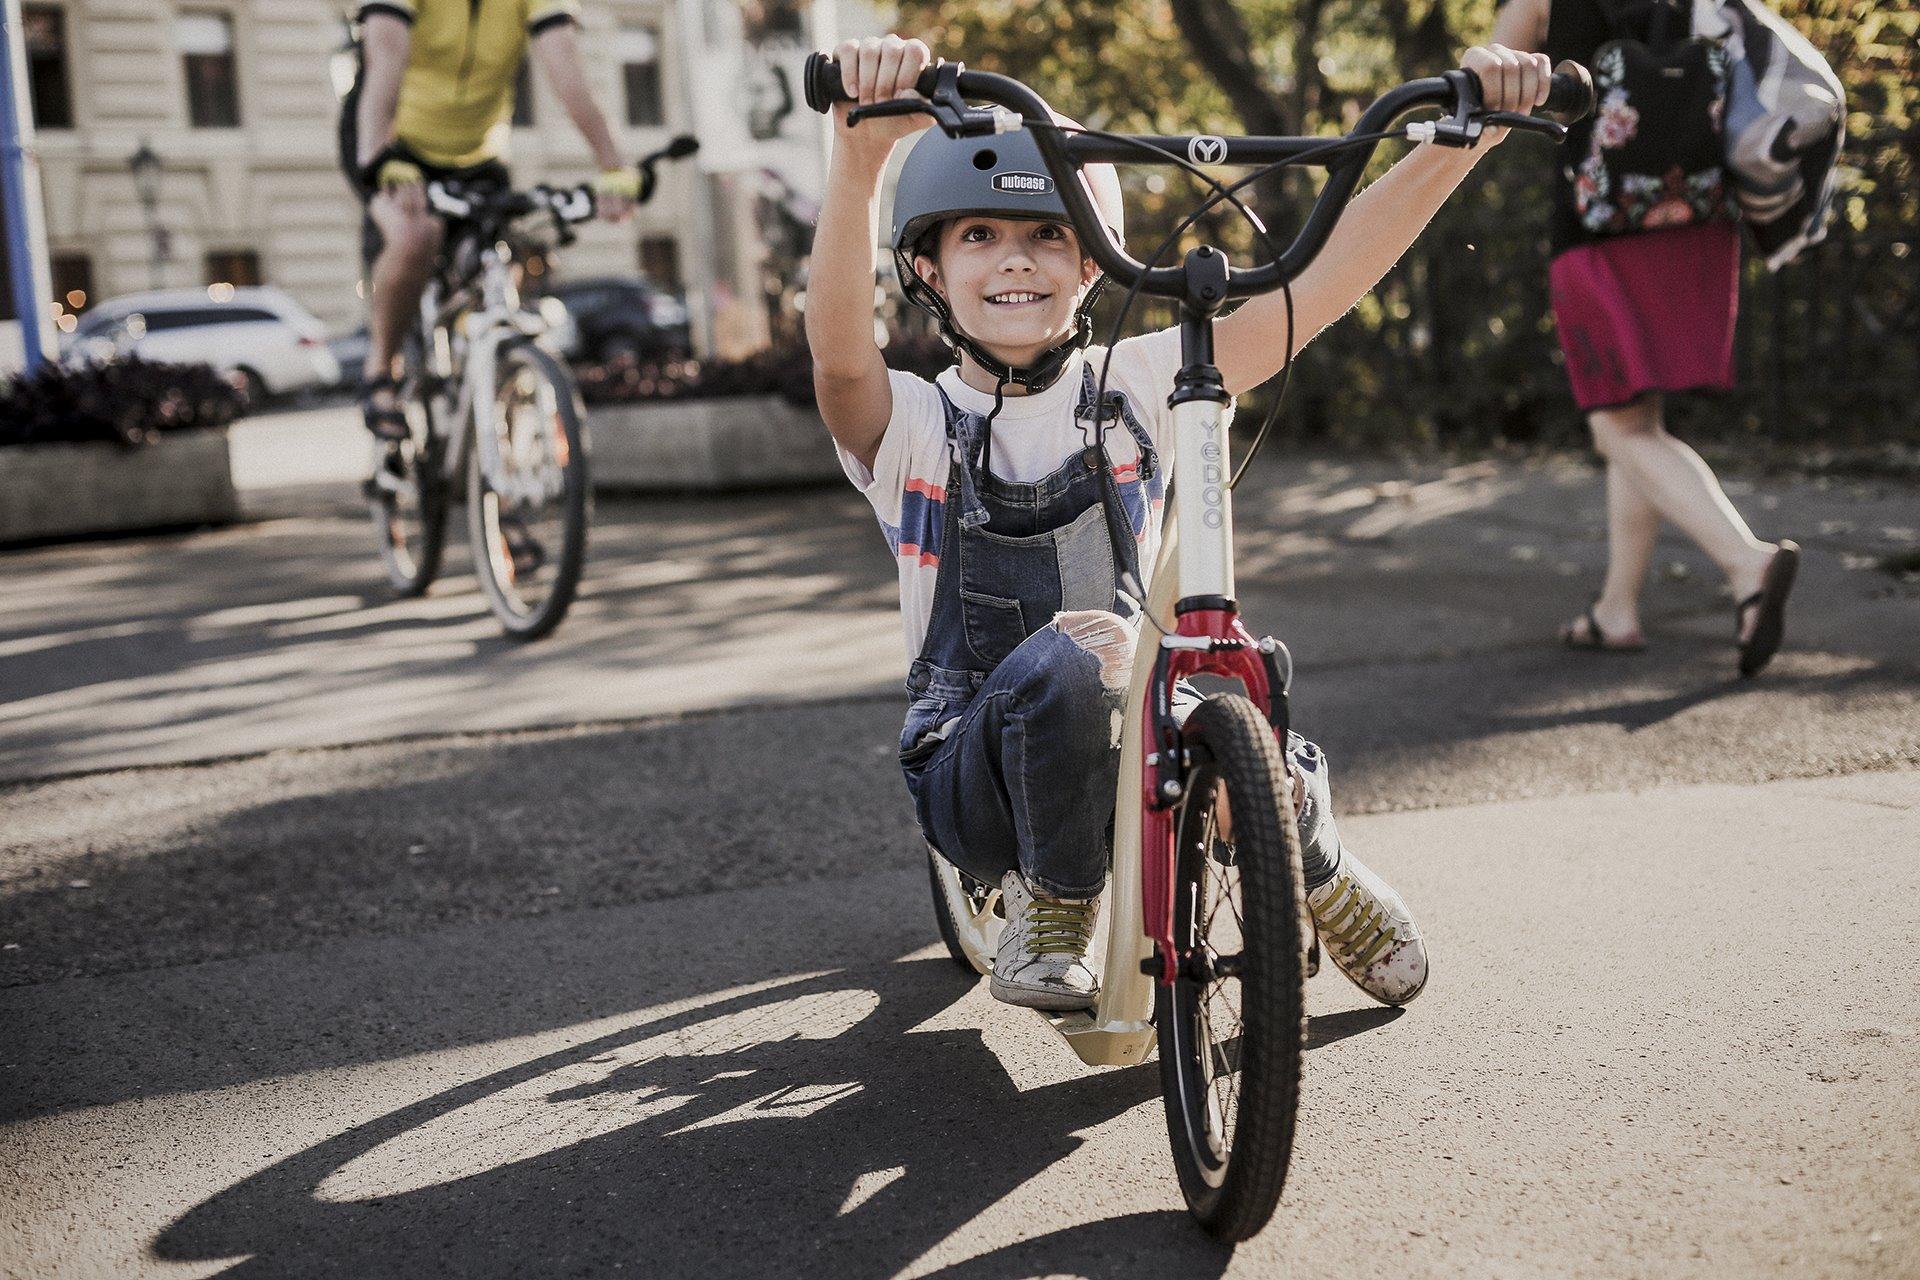 Rady pro rodiče: Jak správně vybrat bezpečnou dětskou koloběžku?